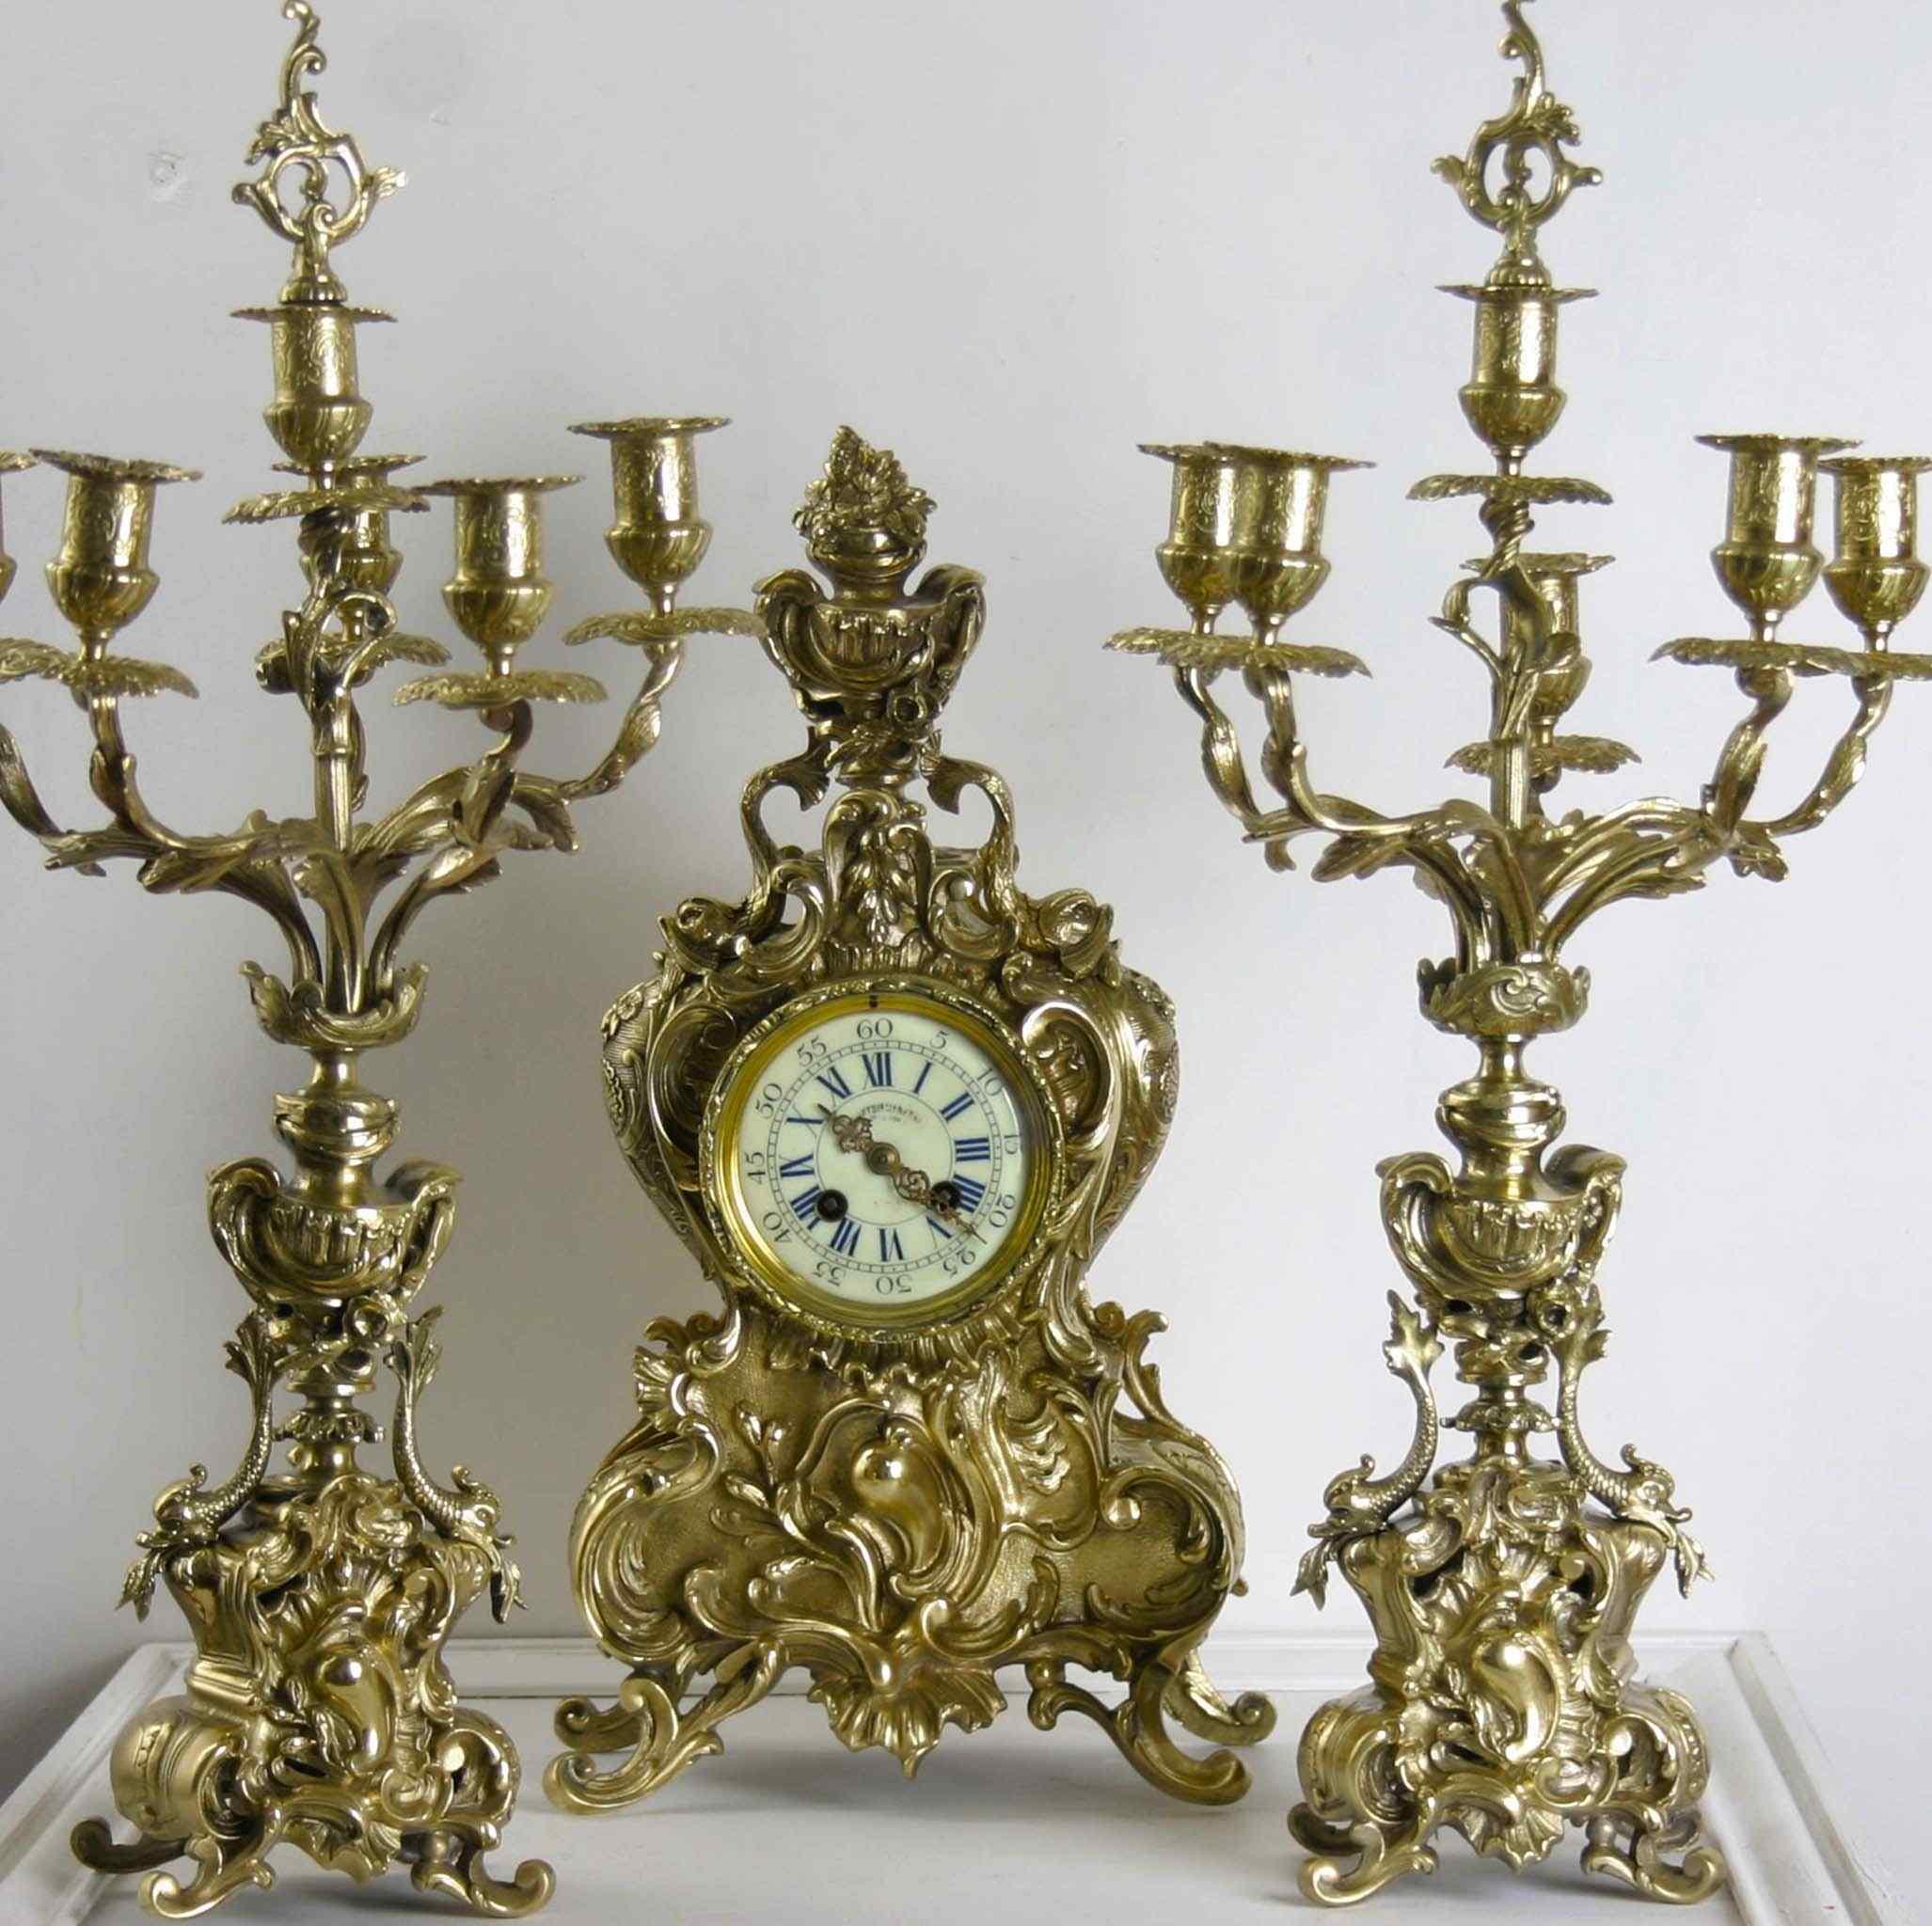 Orologio e coppia di candelieri, bronzo